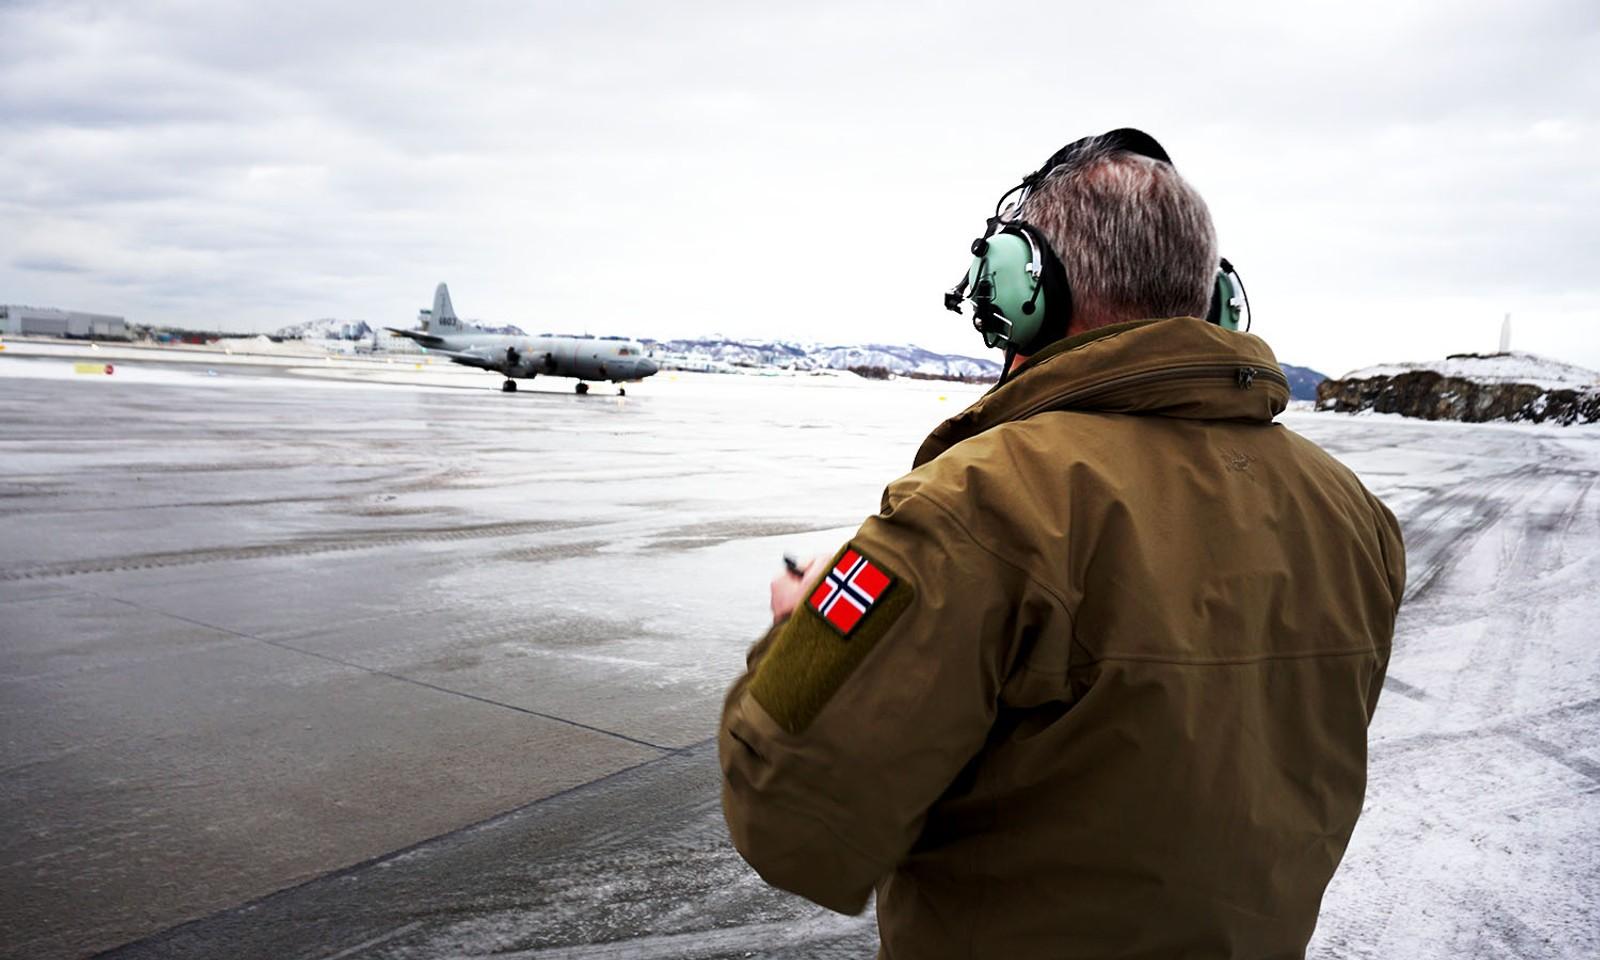 Generalløytnant Morten Haga Lunde møter igjen en gammel flamme.